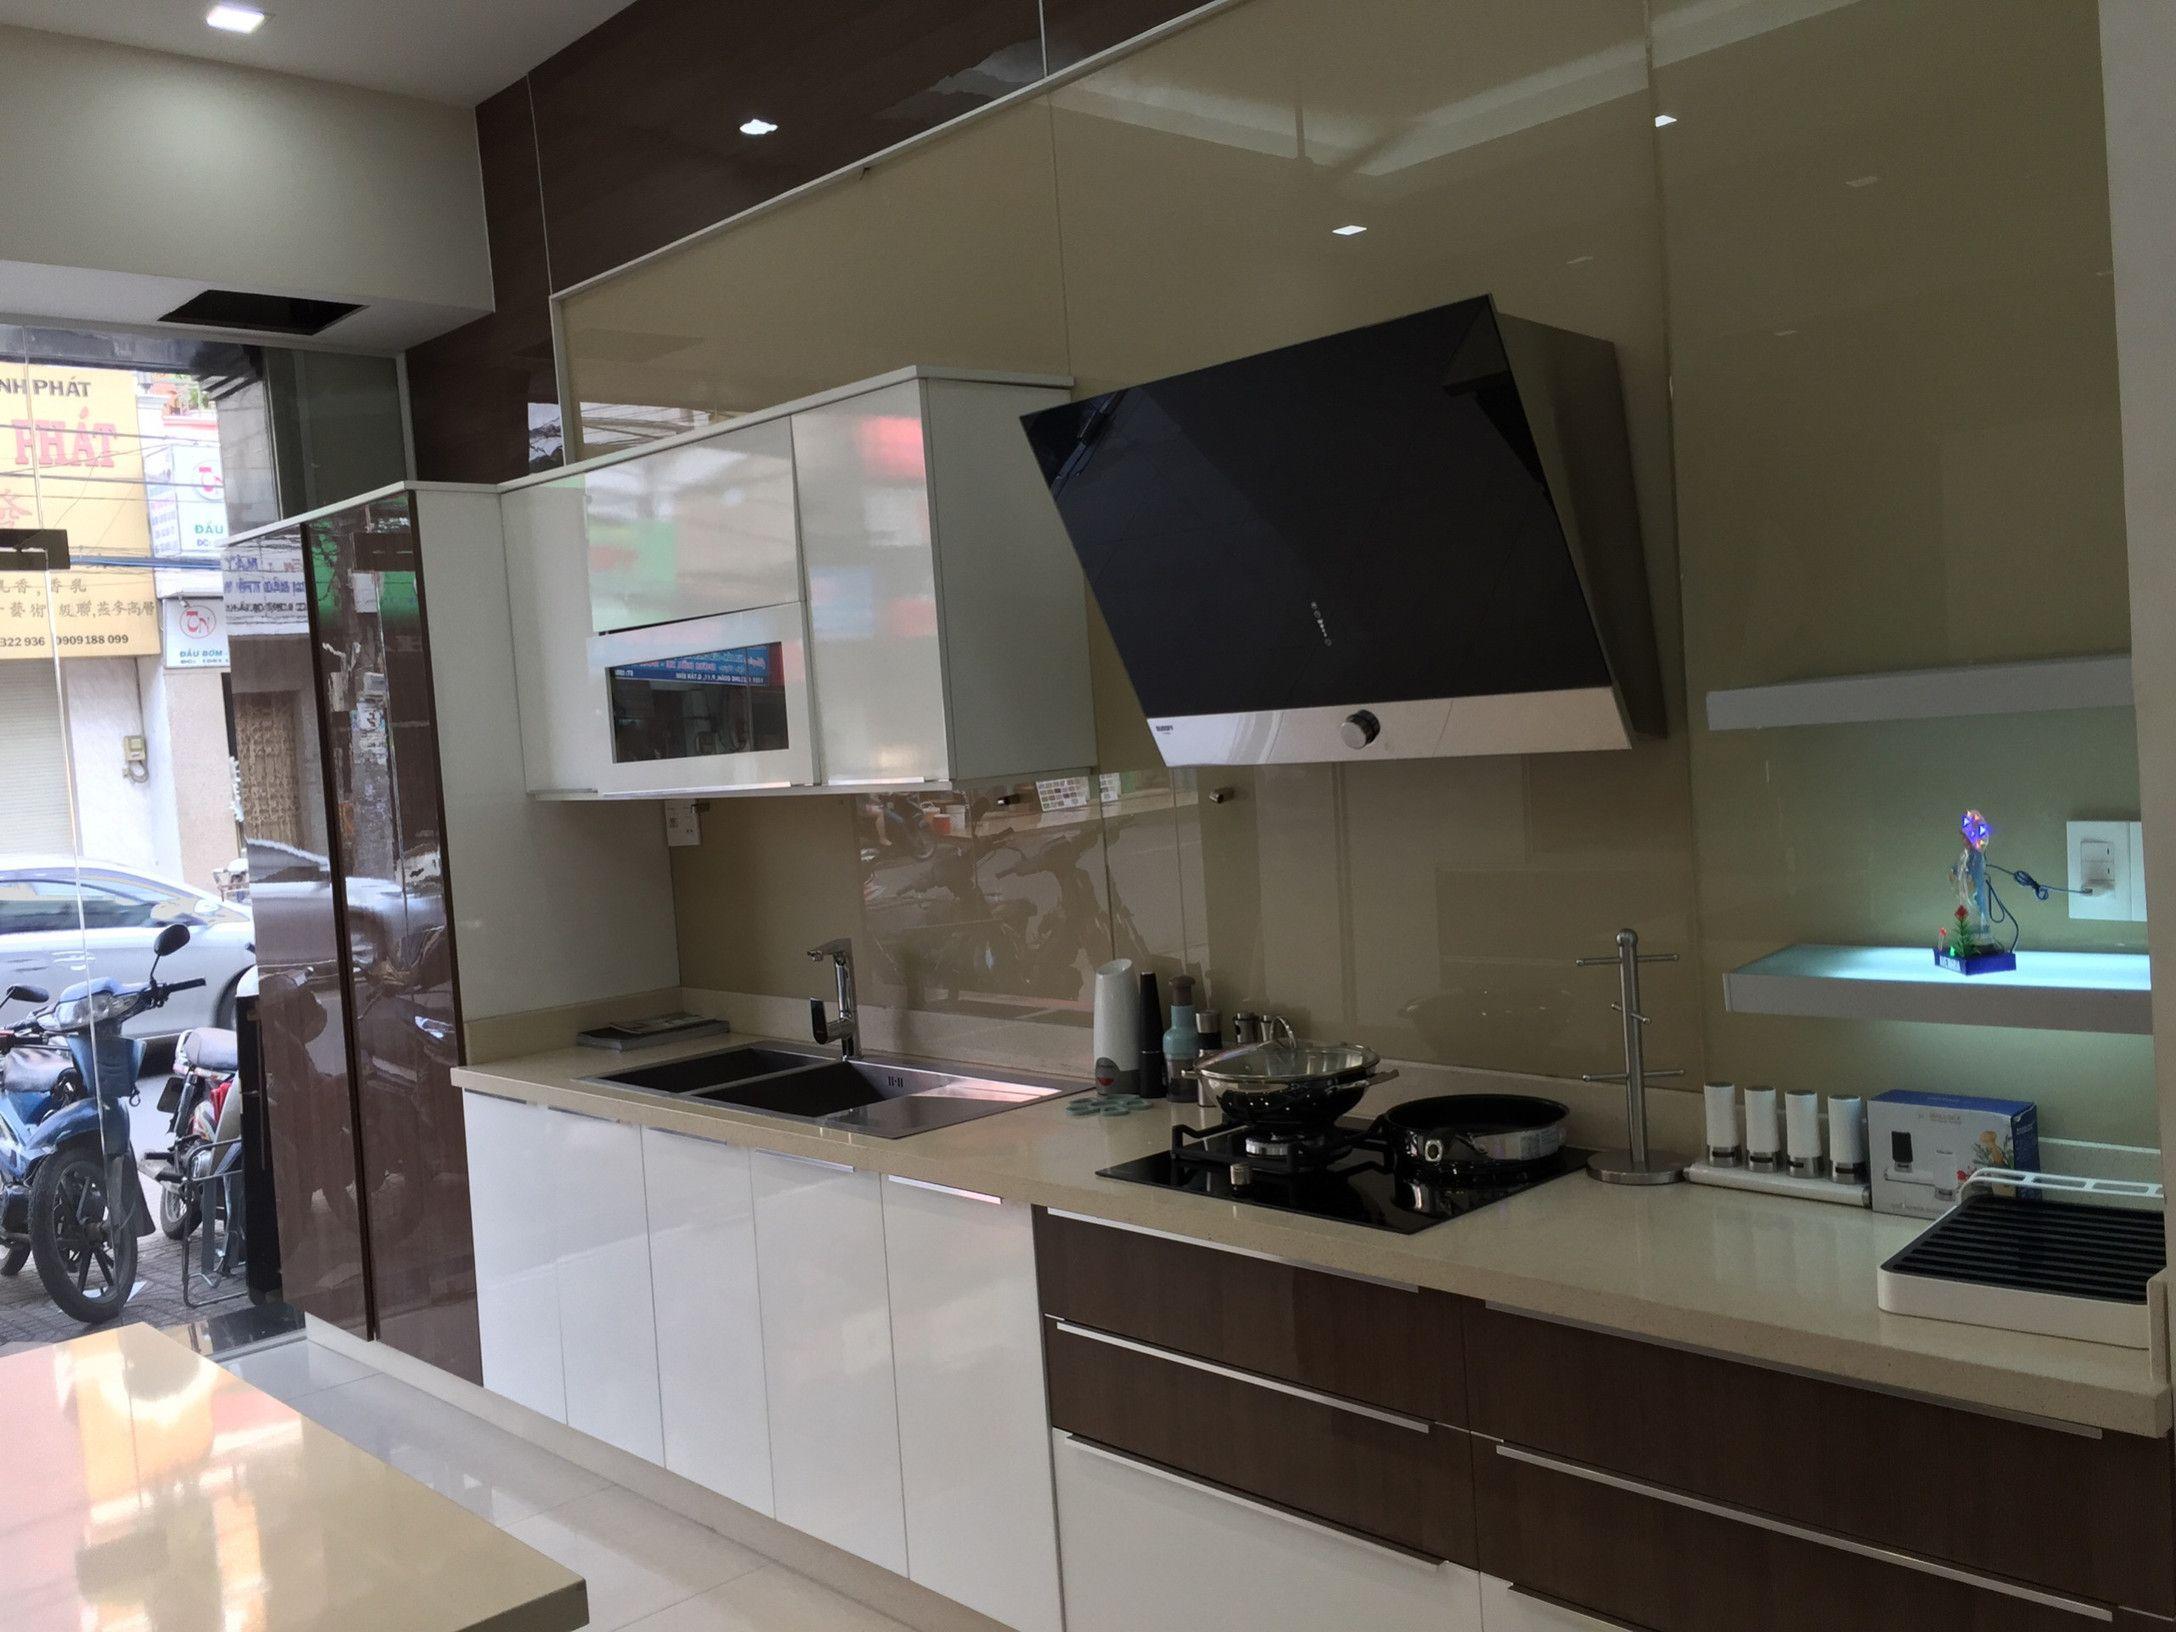 Nhà cung cấp (Thiết Bị Nhà Bếp) 1 tại TP.HCM Kitchen